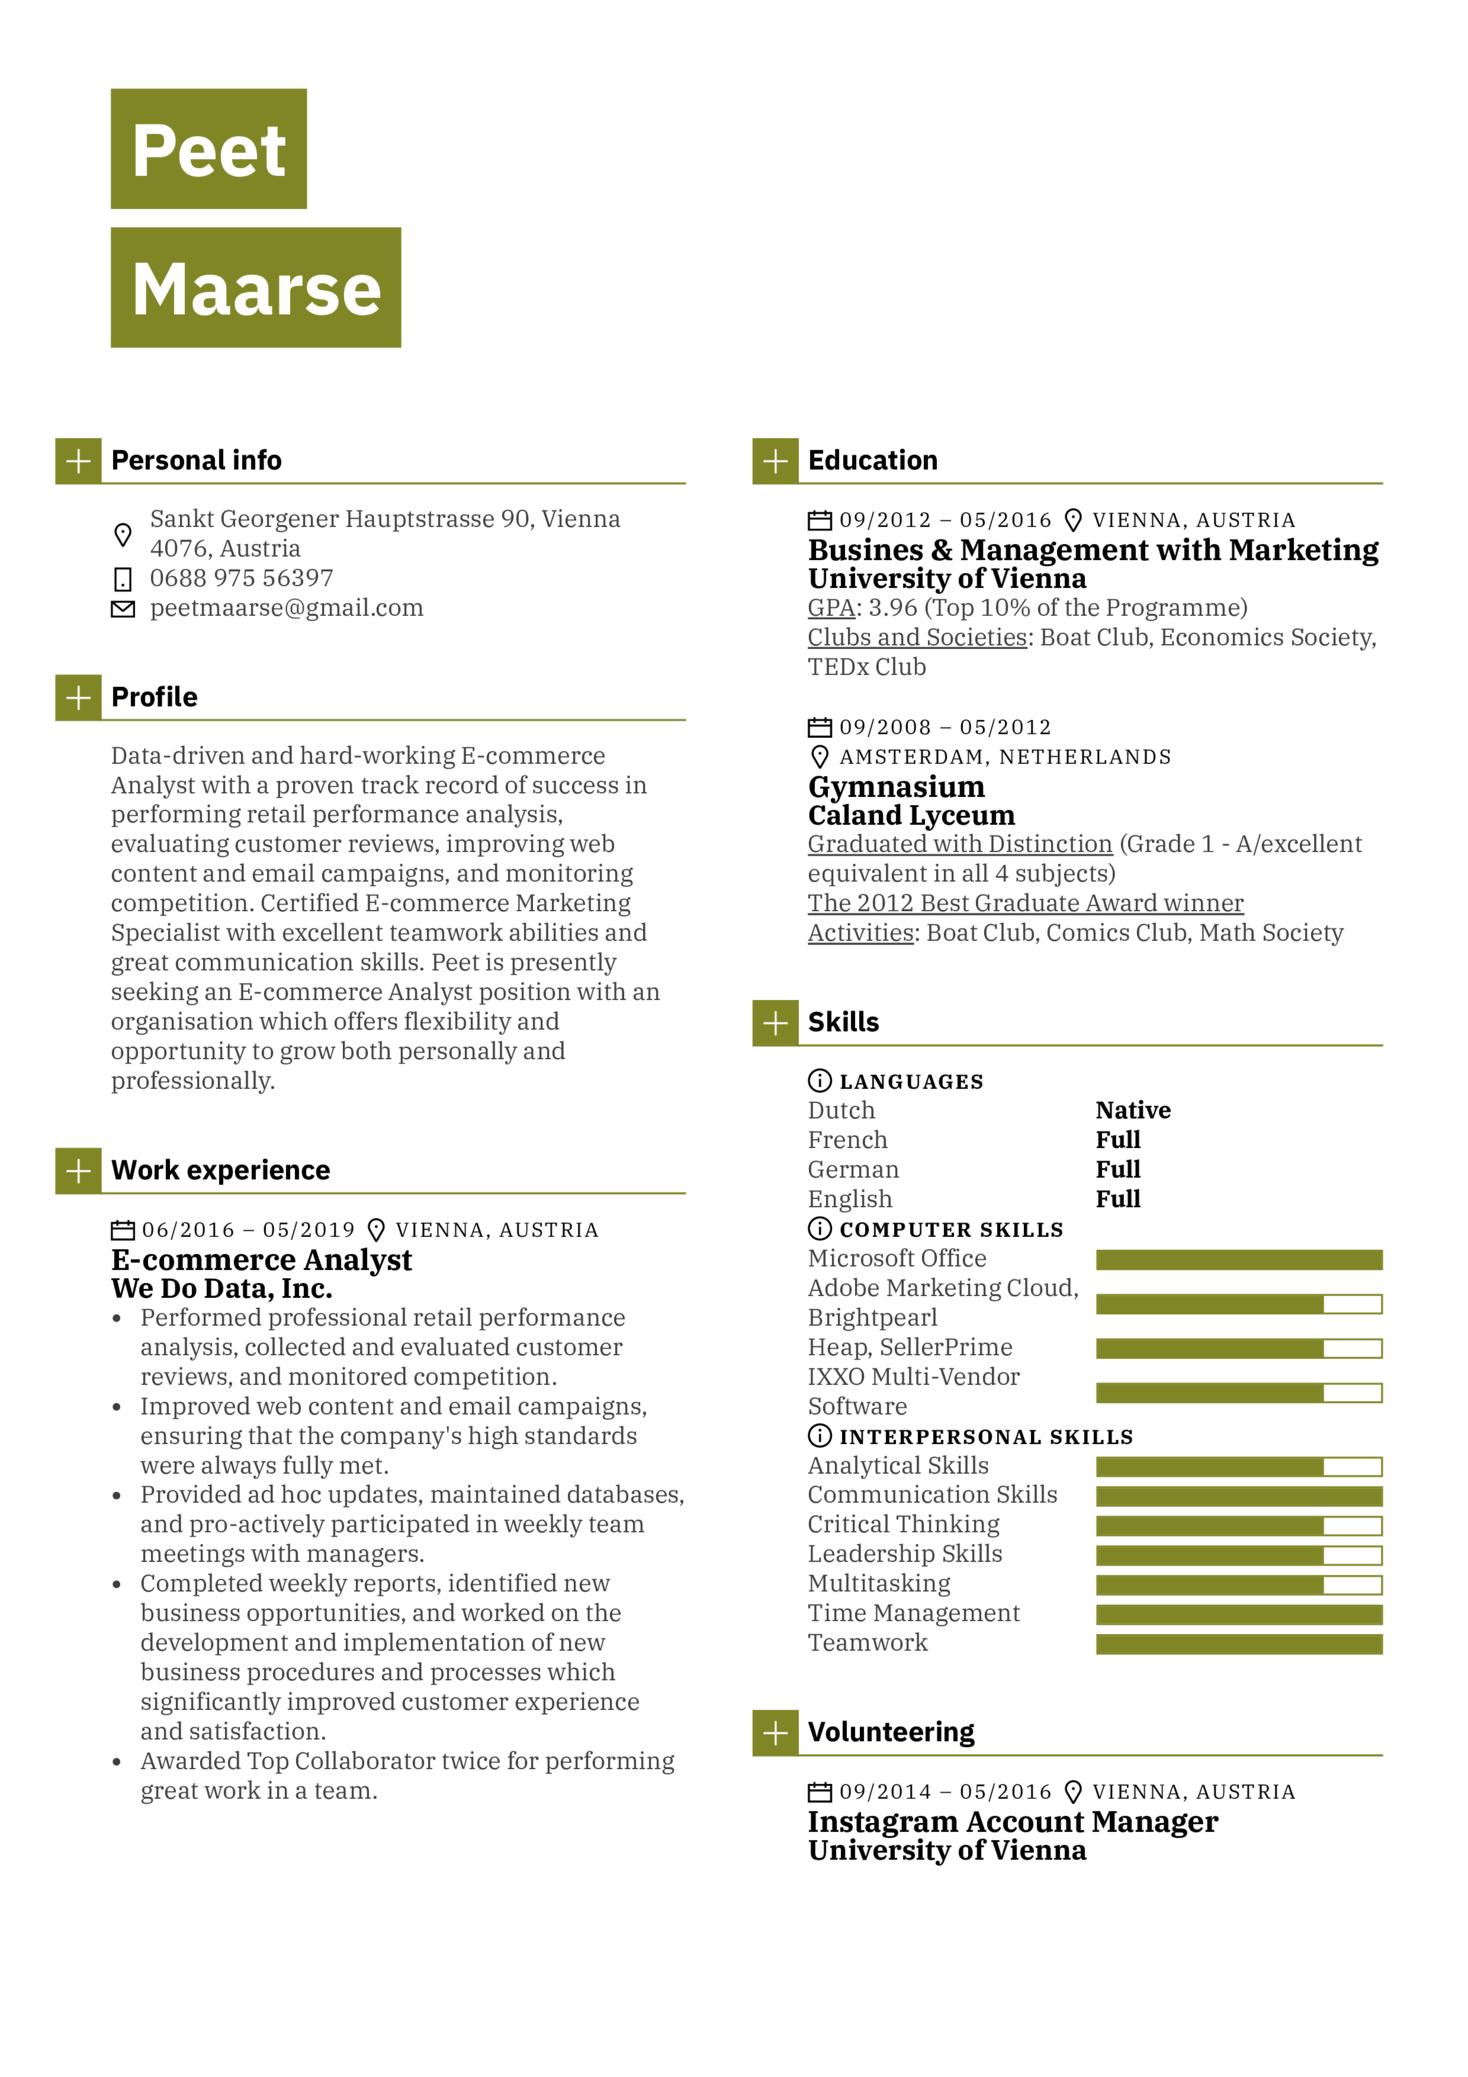 E-commerce Analyst Resume Sample (parte 1)